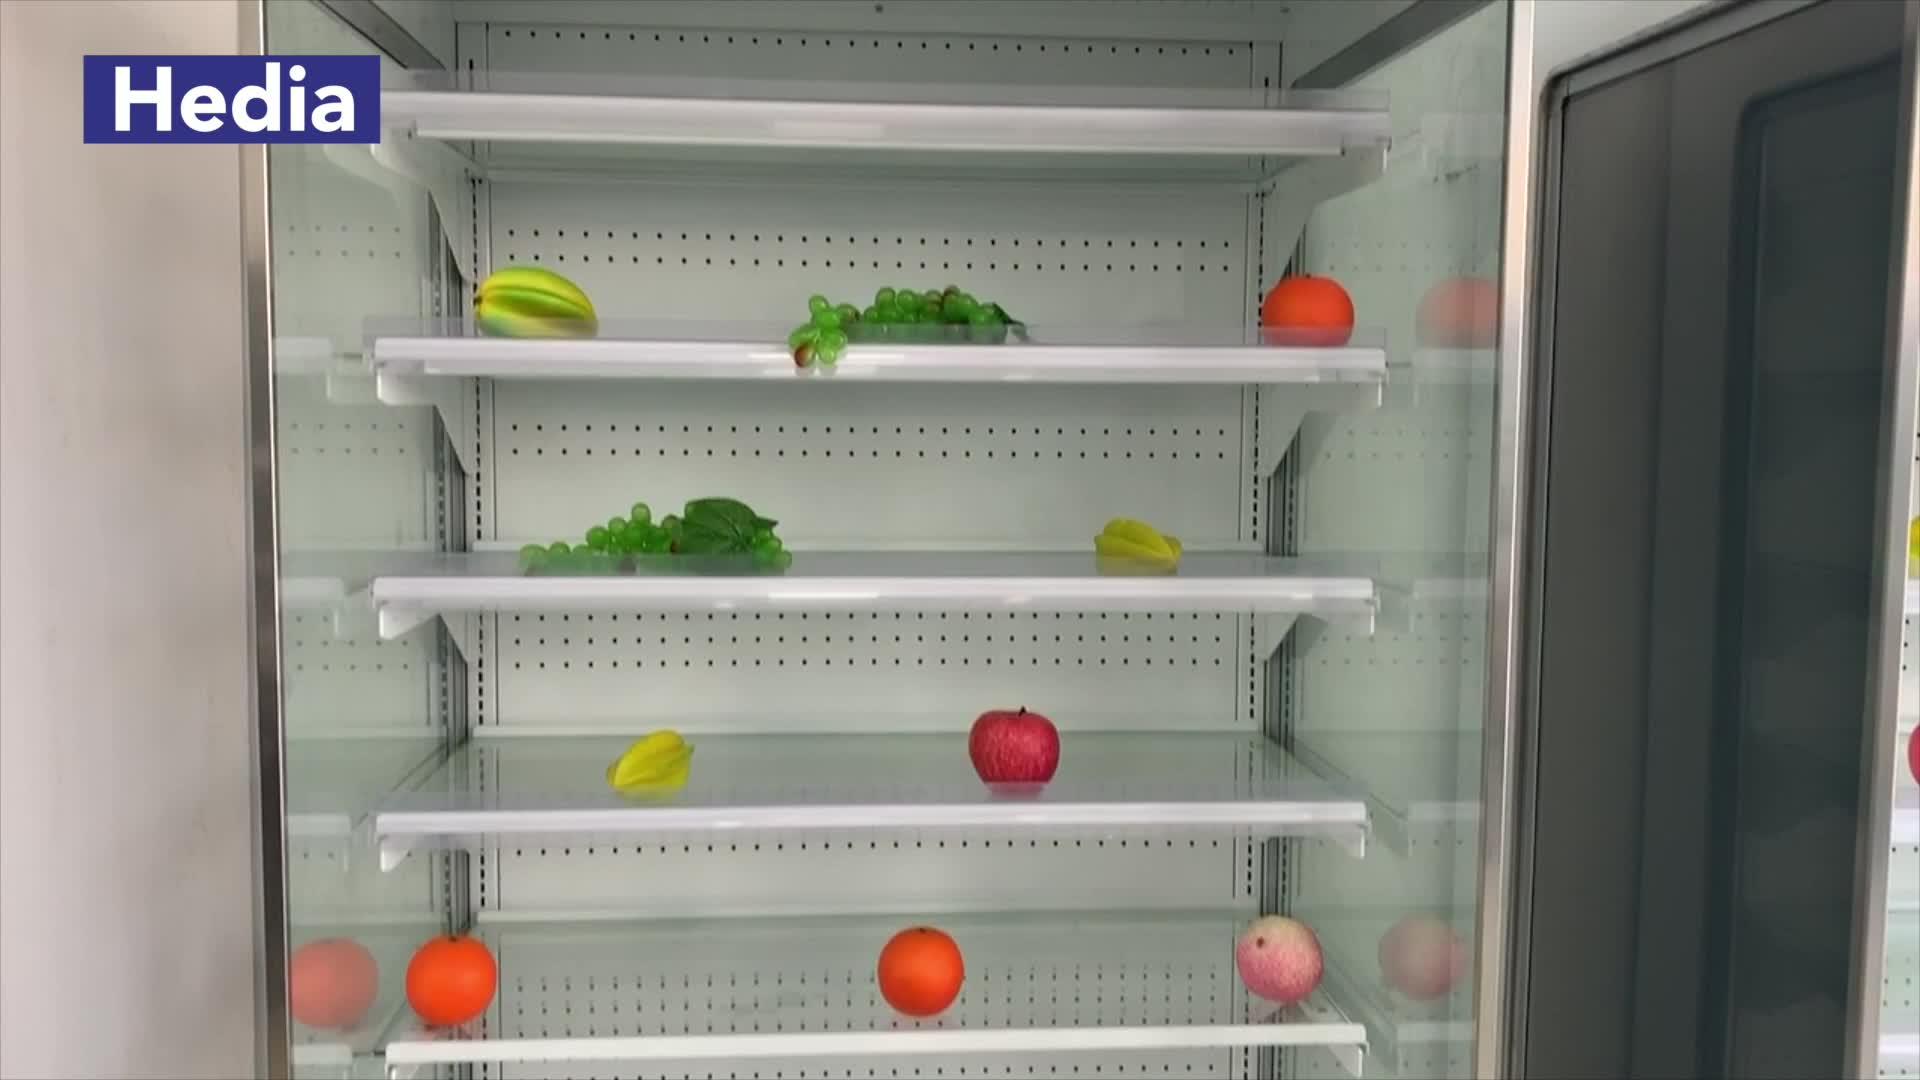 मिनी सुपरमार्केट सामने खुला प्रदर्शन हवा पर्दा प्रदर्शन कूलर